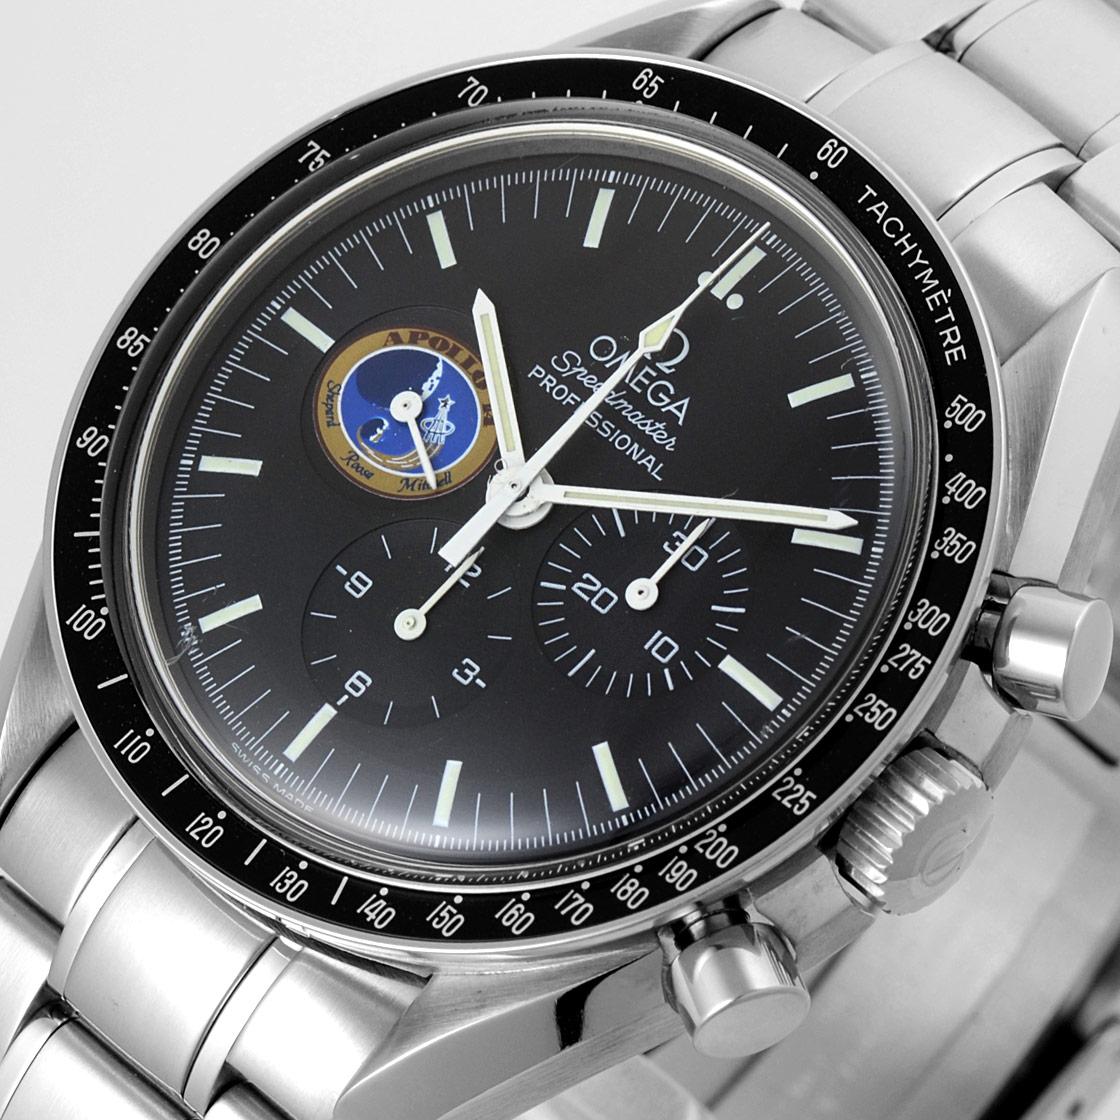 """奥米伽3597.17速度主人專業人員任務""""APOLLO-14""""(阿波羅14號)世界40條限定黑色表盤計時儀手卷mubu SS序列No.刻圖章《速度主人誕生40周年紀念型號!》"""